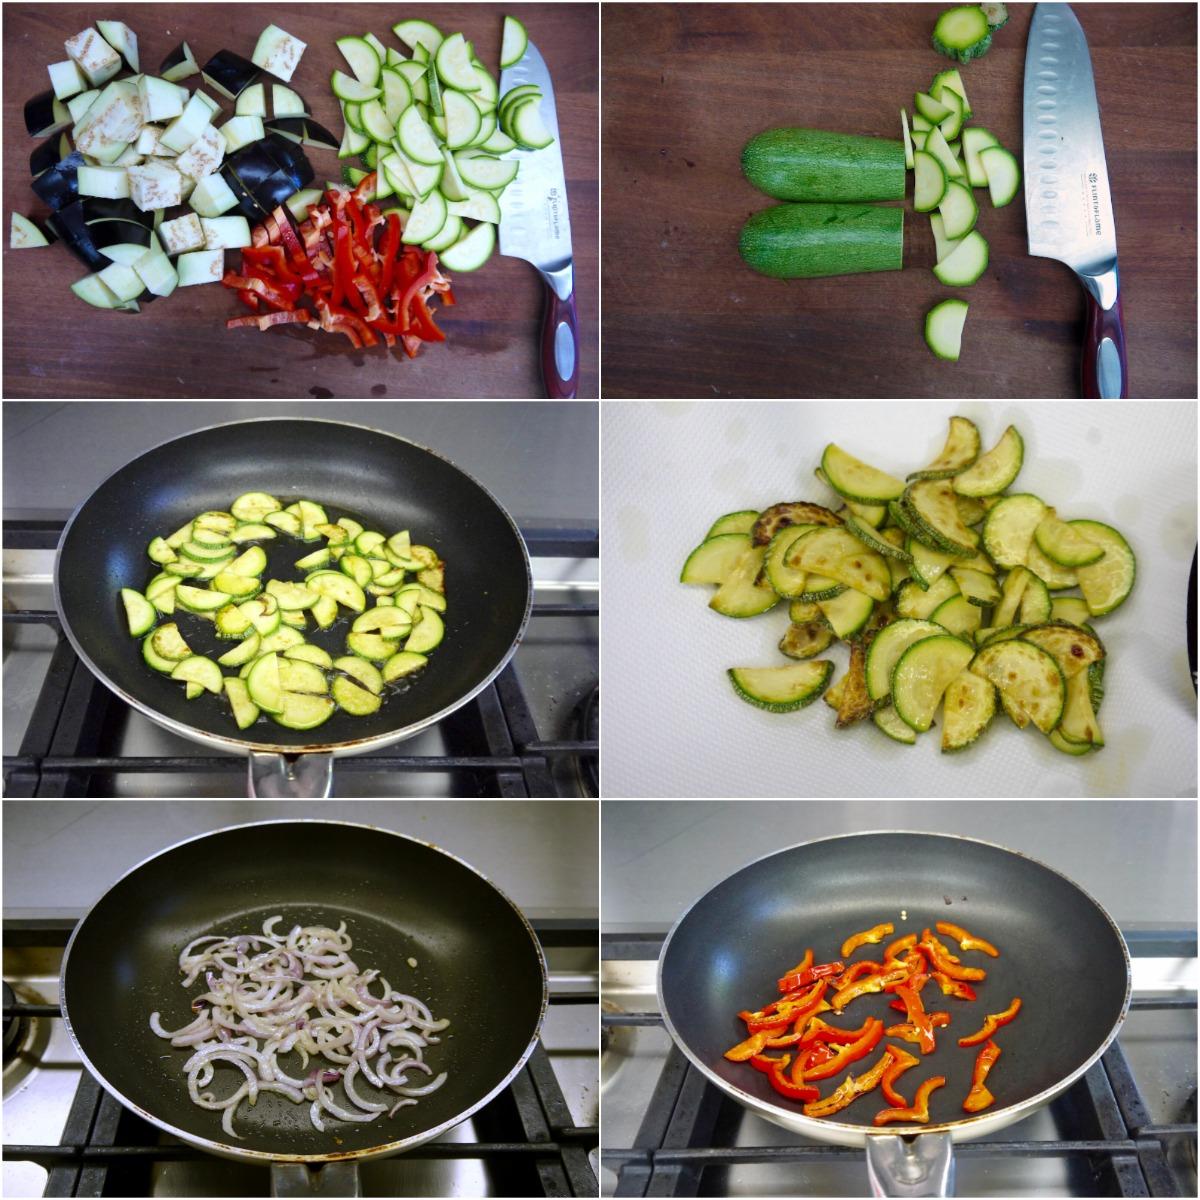 προετοιμάζοντας τα ψημένα λαχανικά